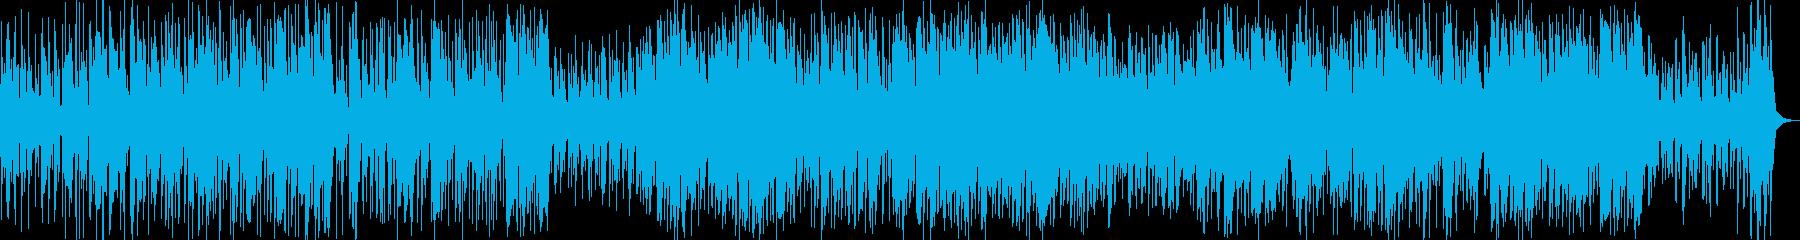 傷心の秋をイメージしたブルージーなジャズの再生済みの波形